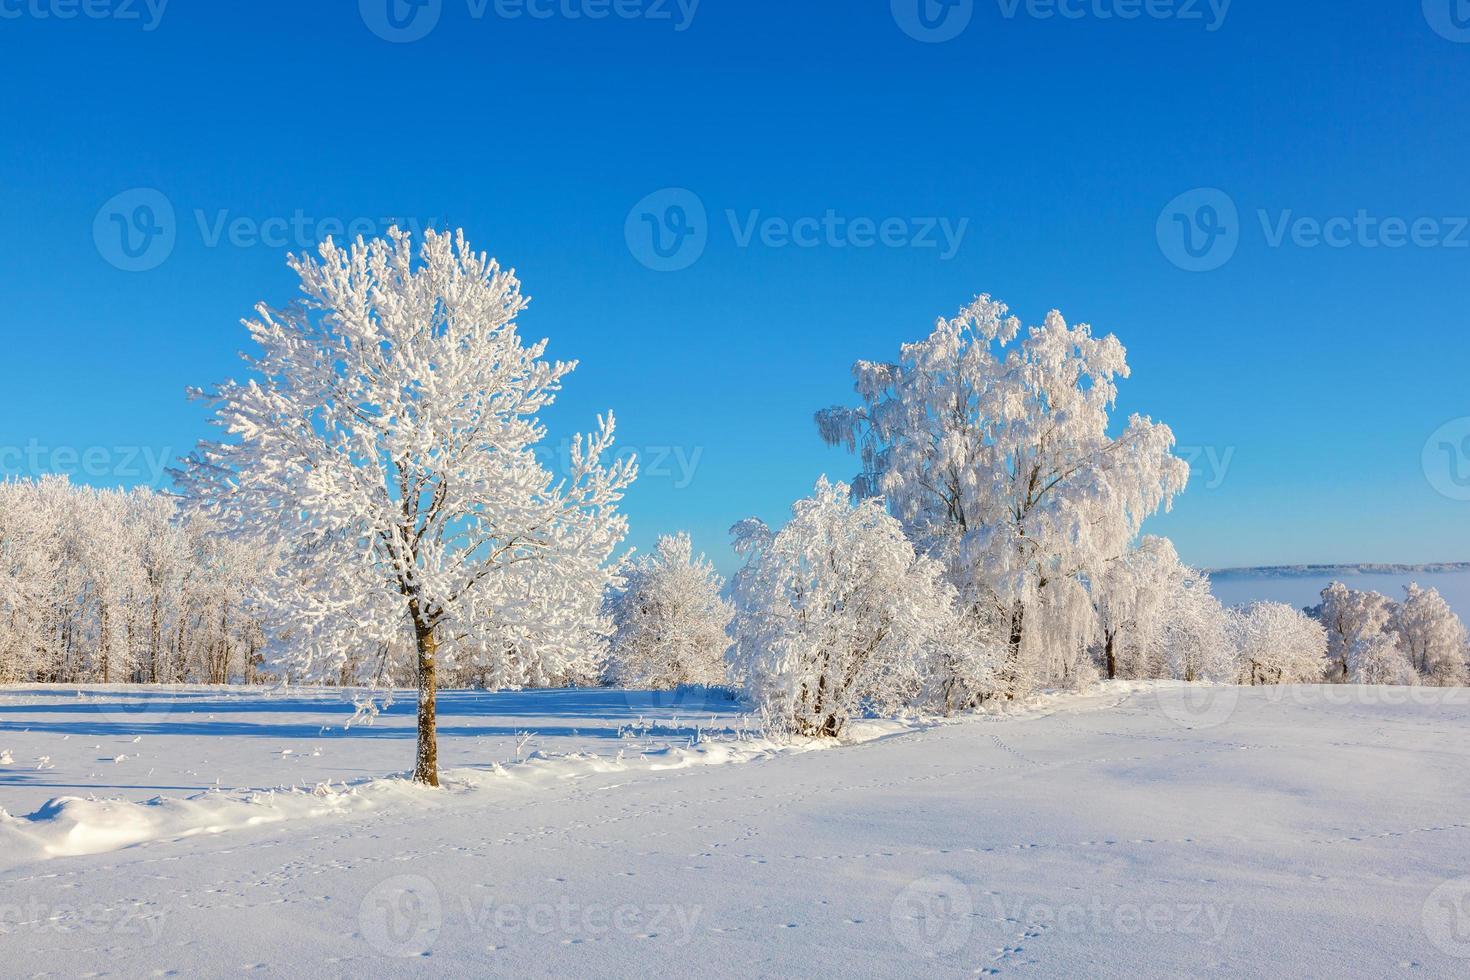 il gelo ha coperto gli alberi nel paesaggio della neve foto